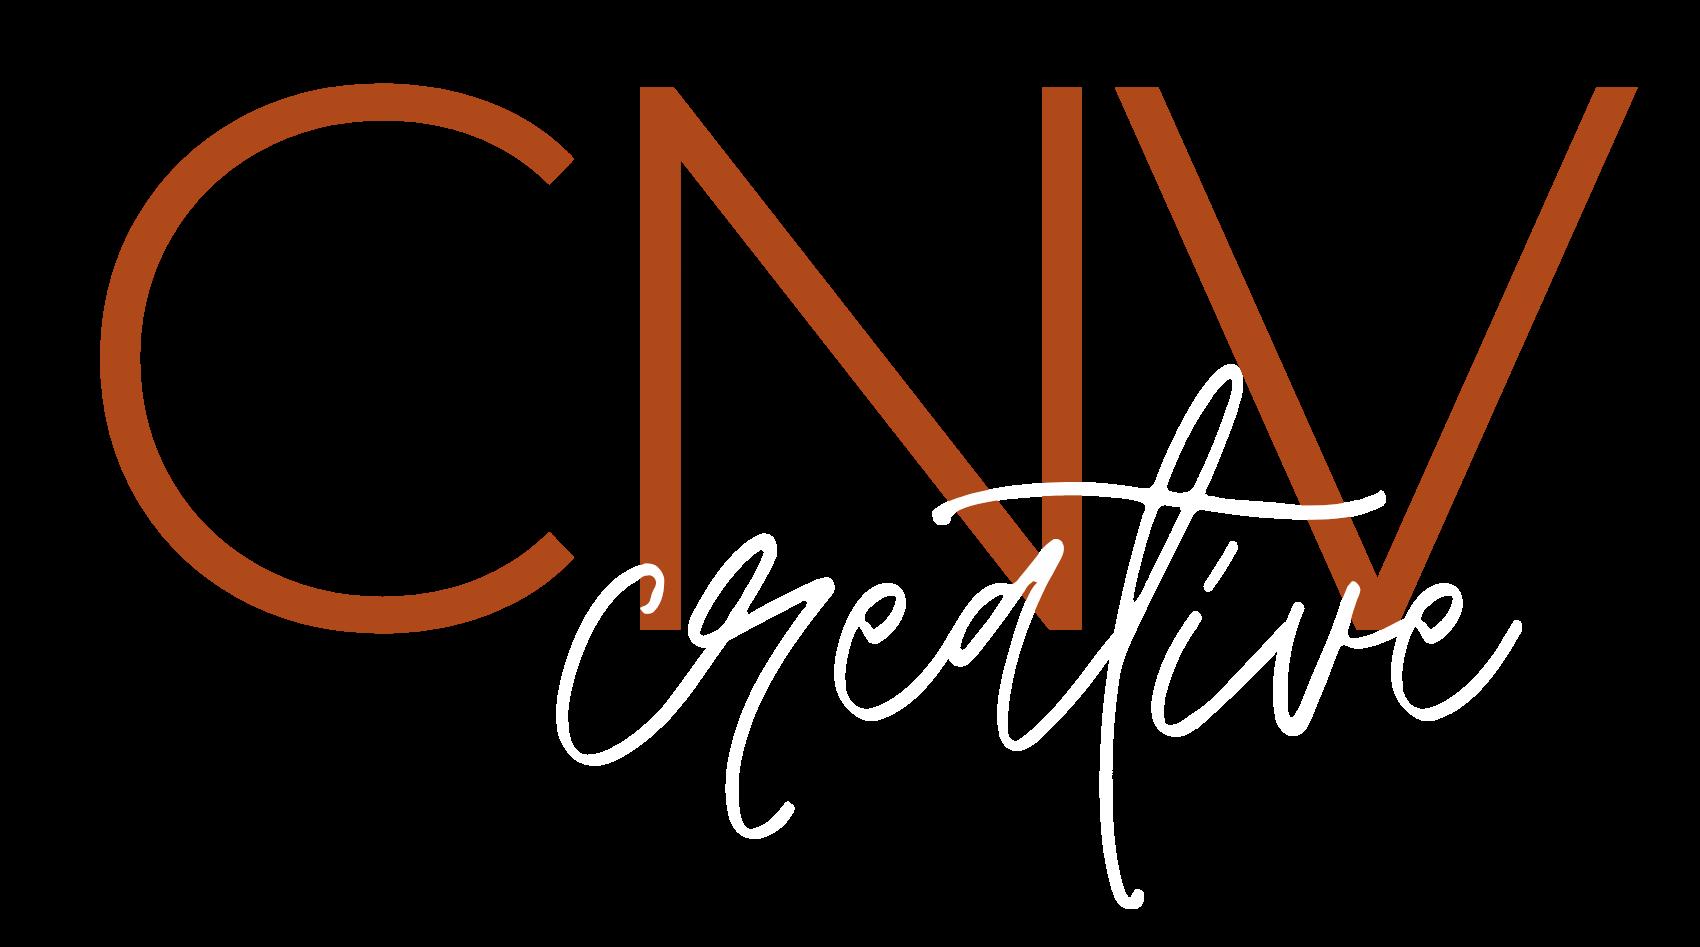 cnv-creative-logo